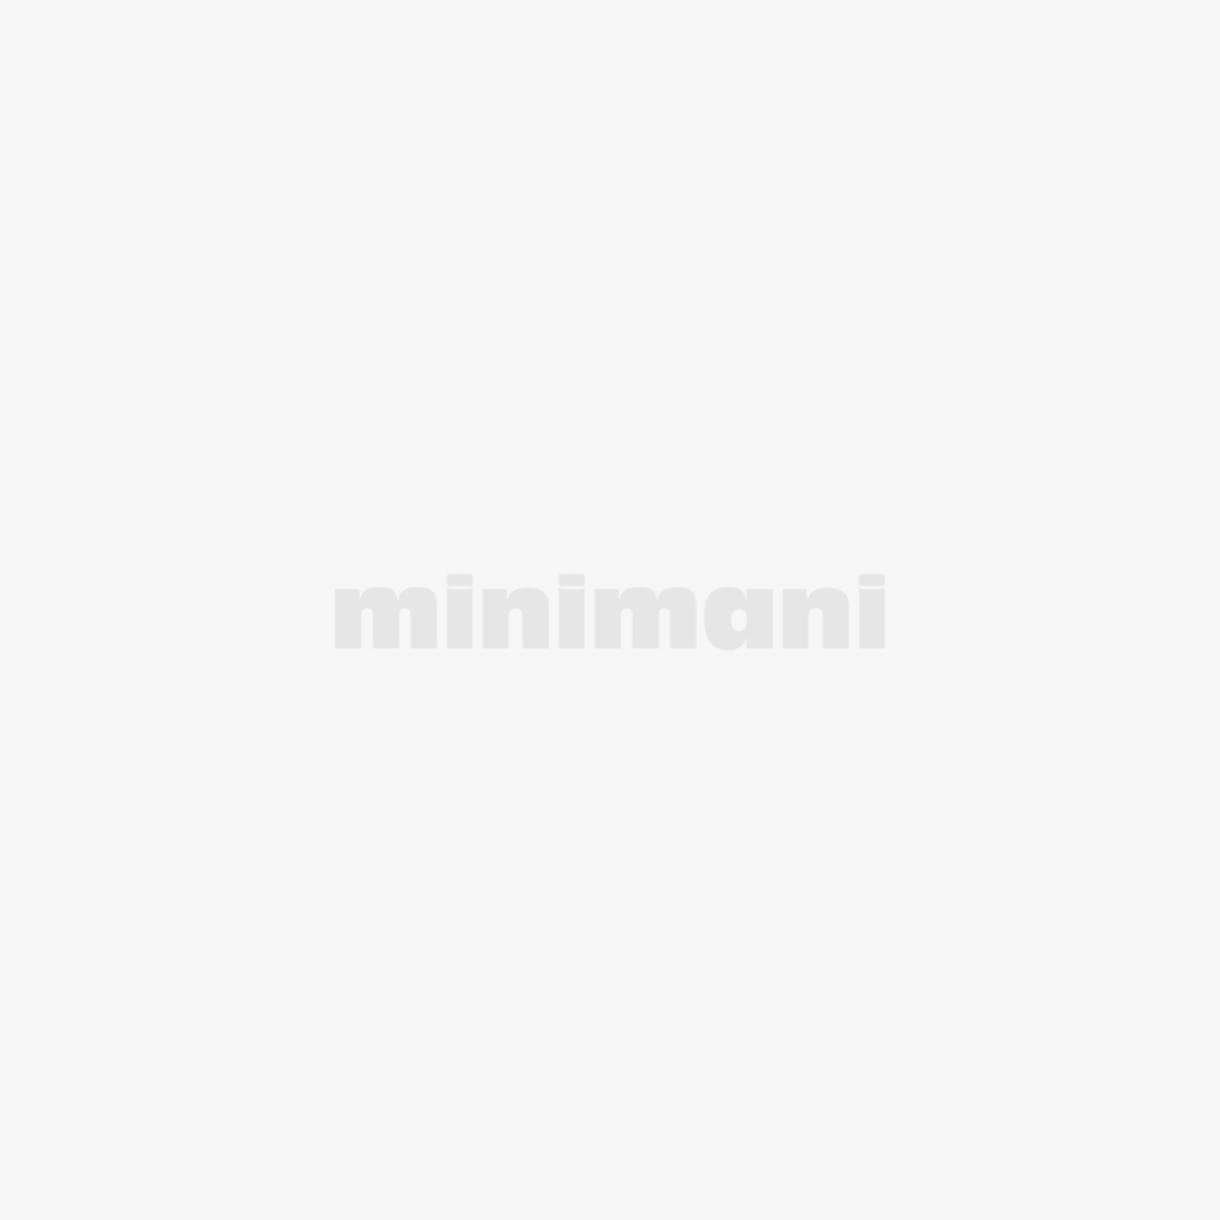 CROSSBOW NAISTEN MIDI-ALUSHOUSUT 3 KPL/PKT MUSTA